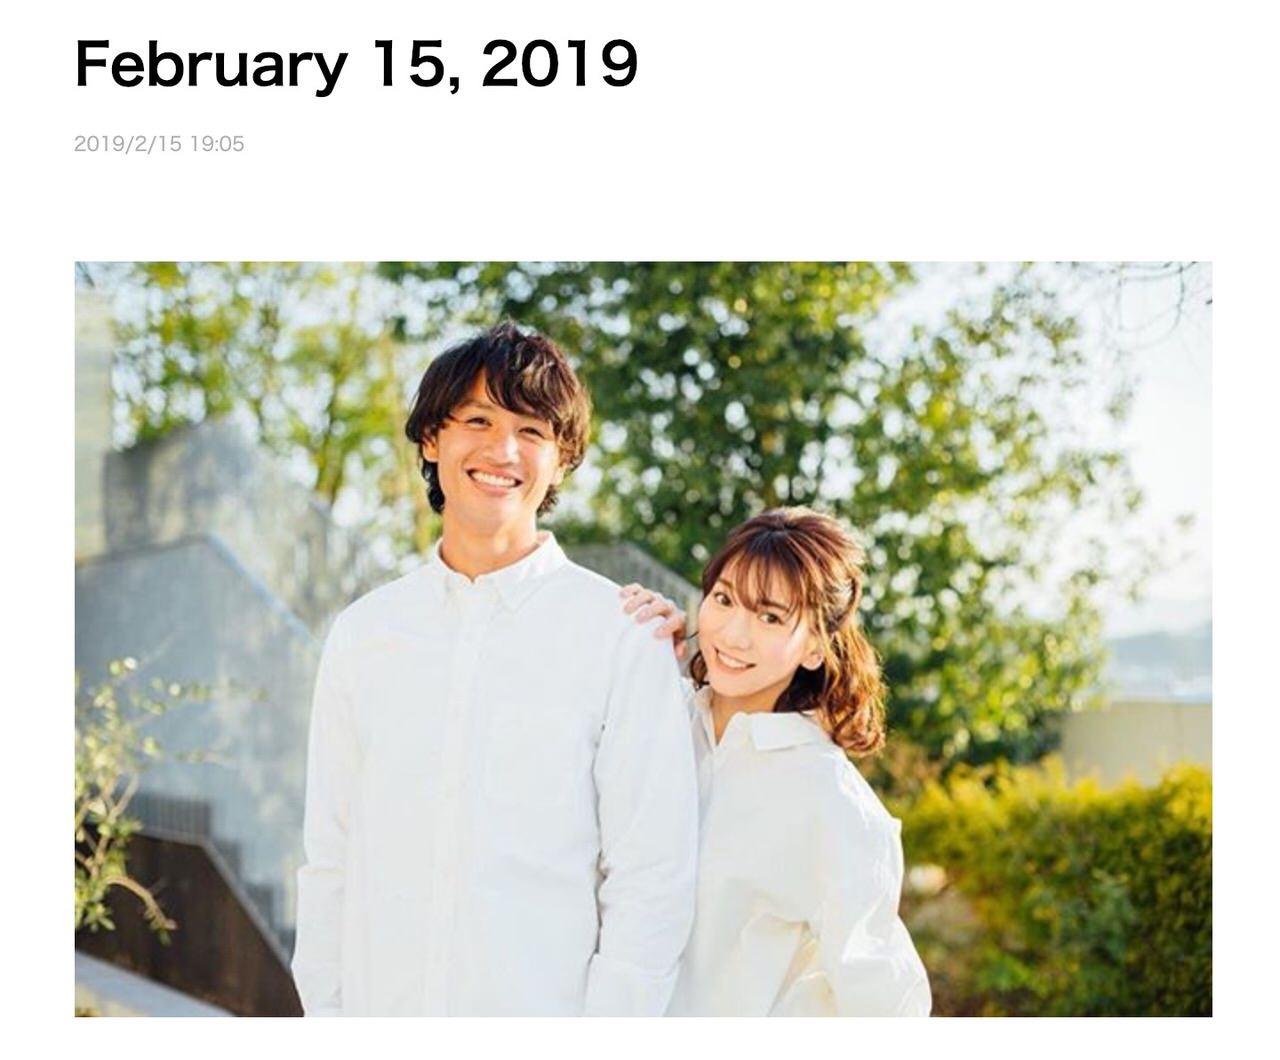 元AKB48・高城亜樹、サガン鳥栖・高橋祐治と結婚を発表